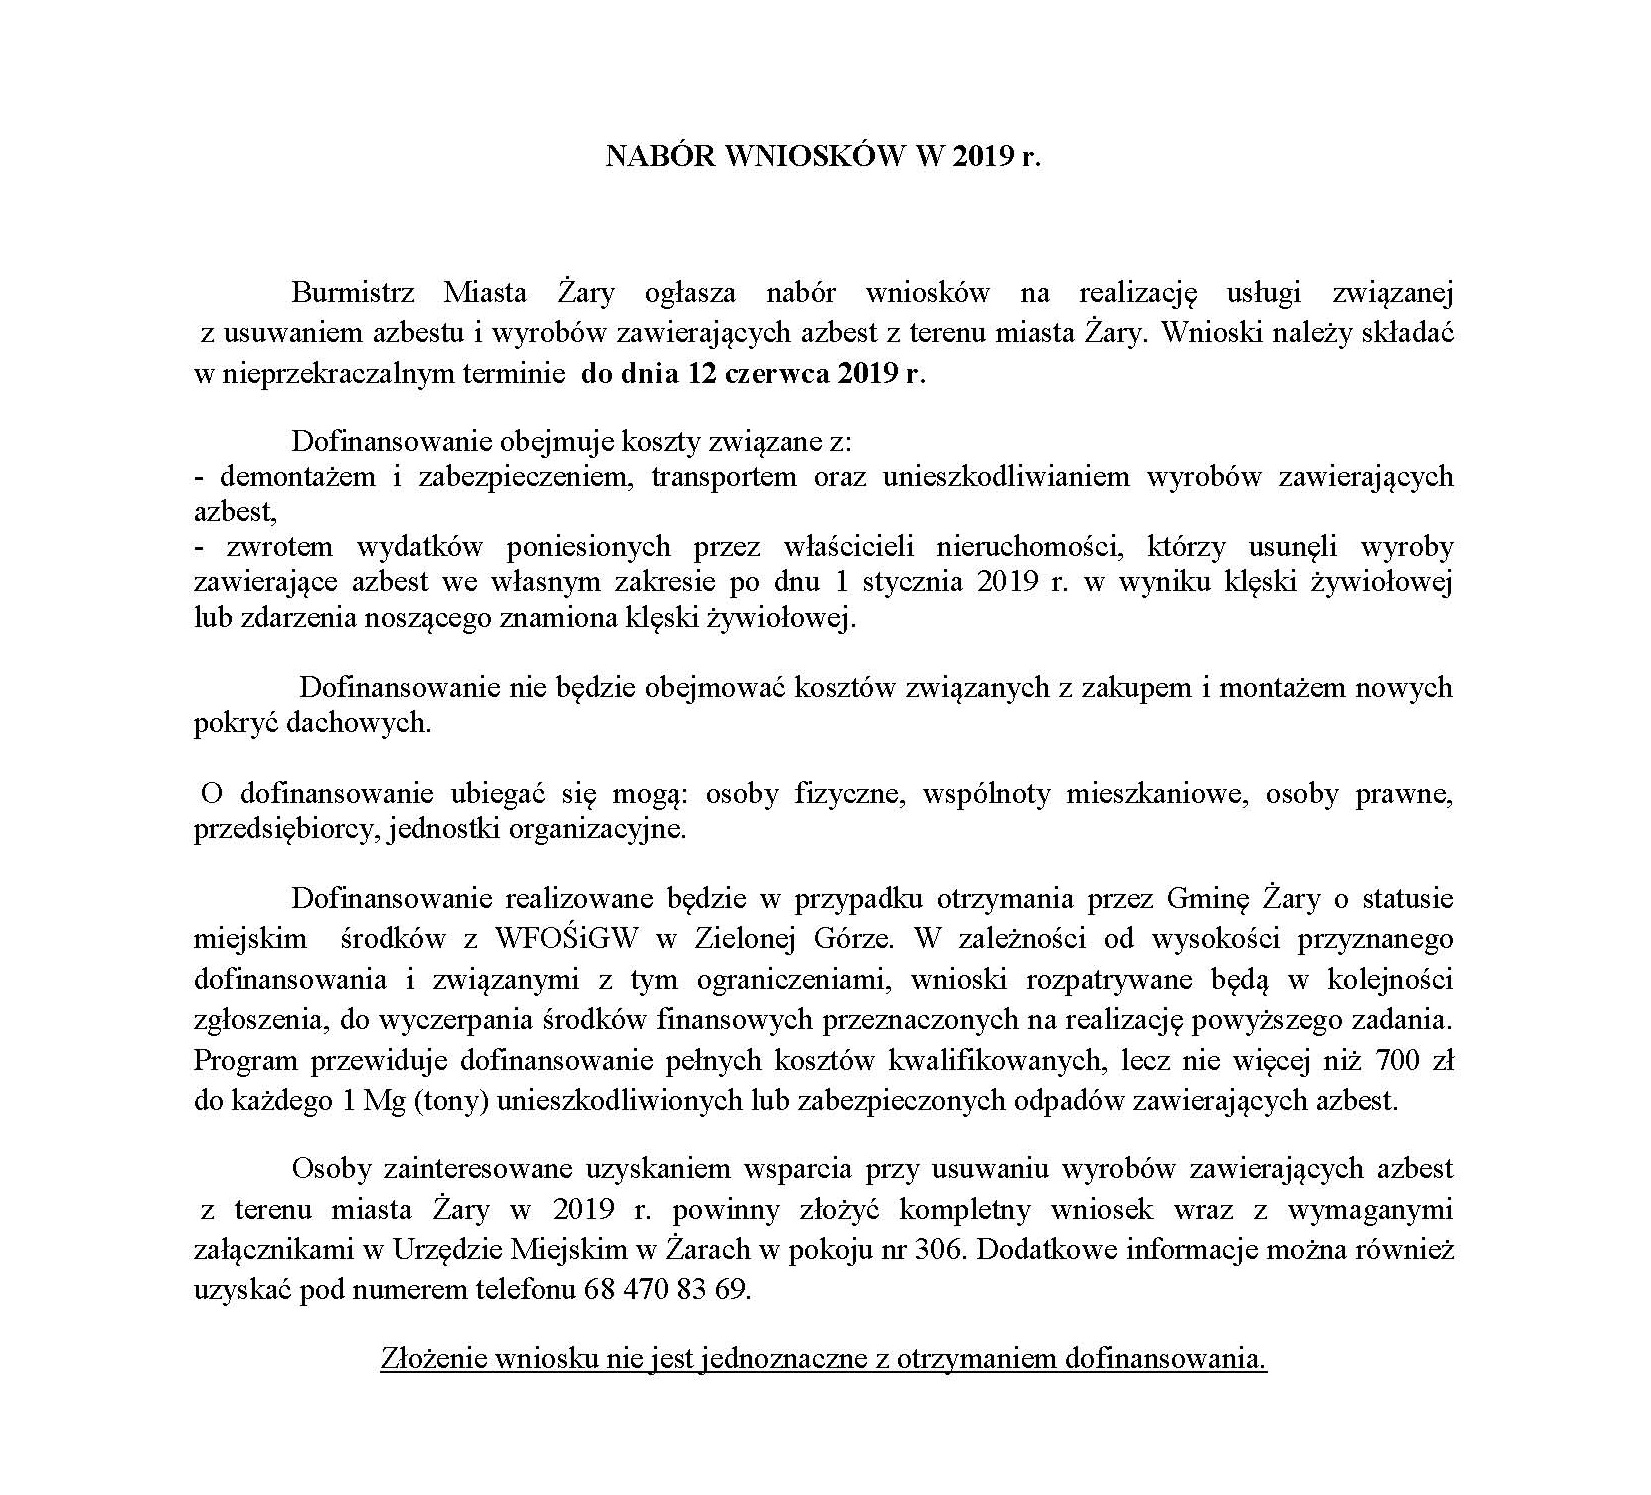 Ilustracja do informacji: AZBEST - NABÓR WNIOSKÓW W 2019 R.